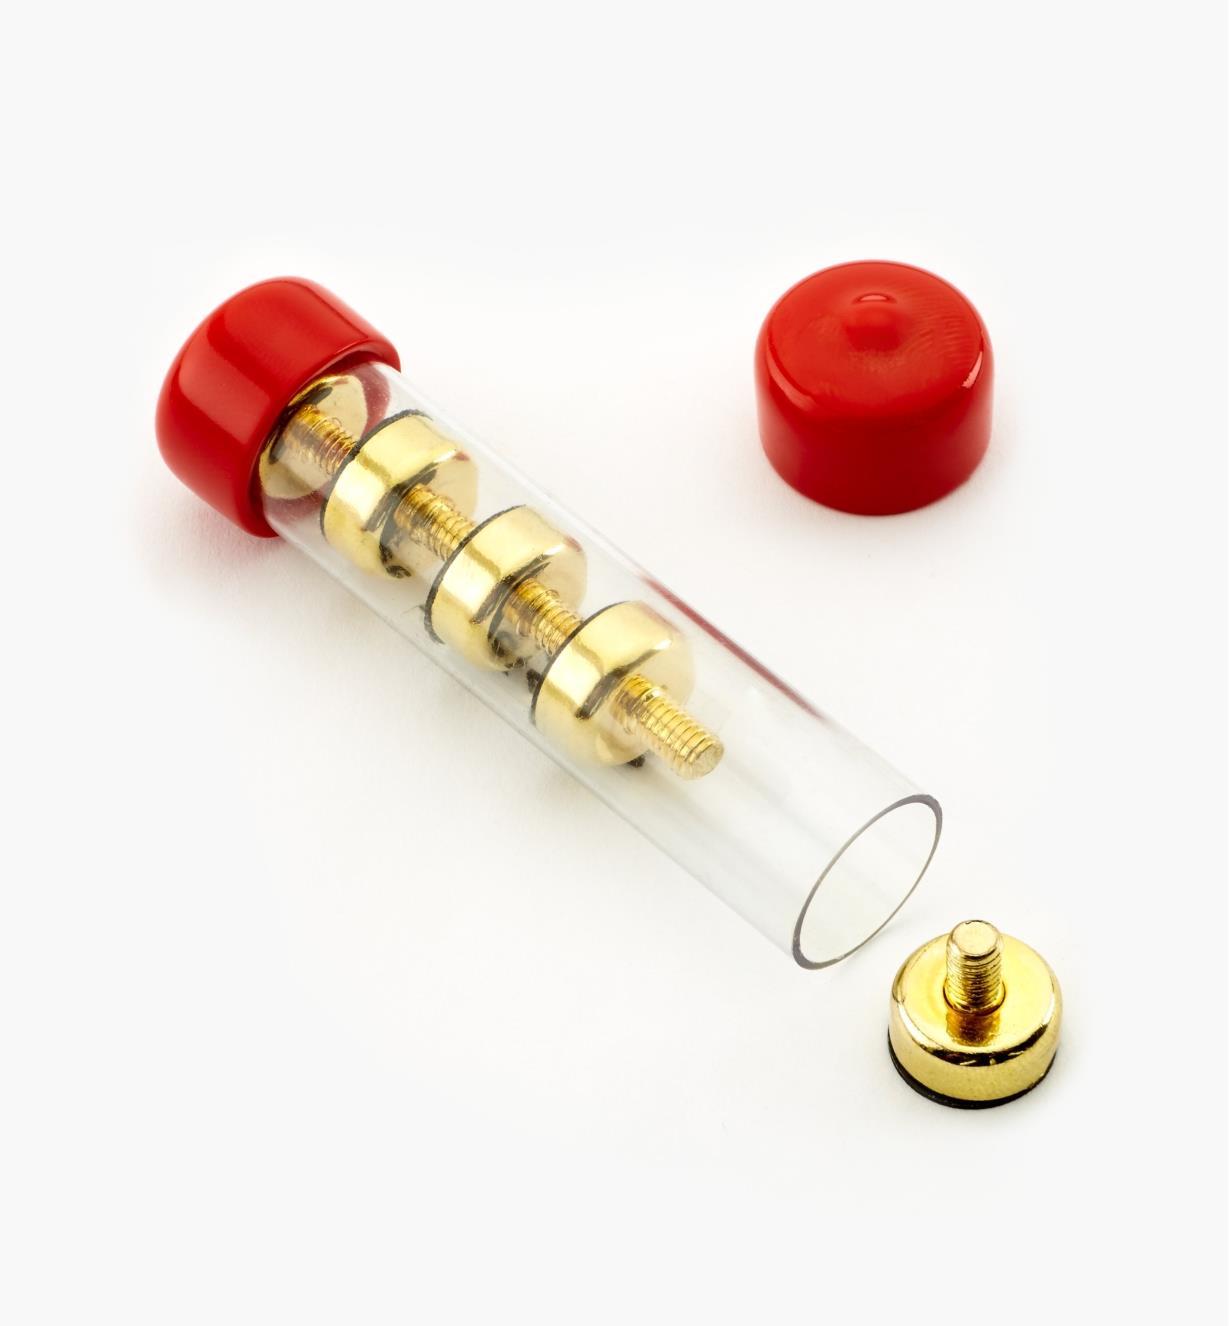 99K4512 - Socles magnétiques en laiton, 12 mm – FiletageM4, le paquet de 5